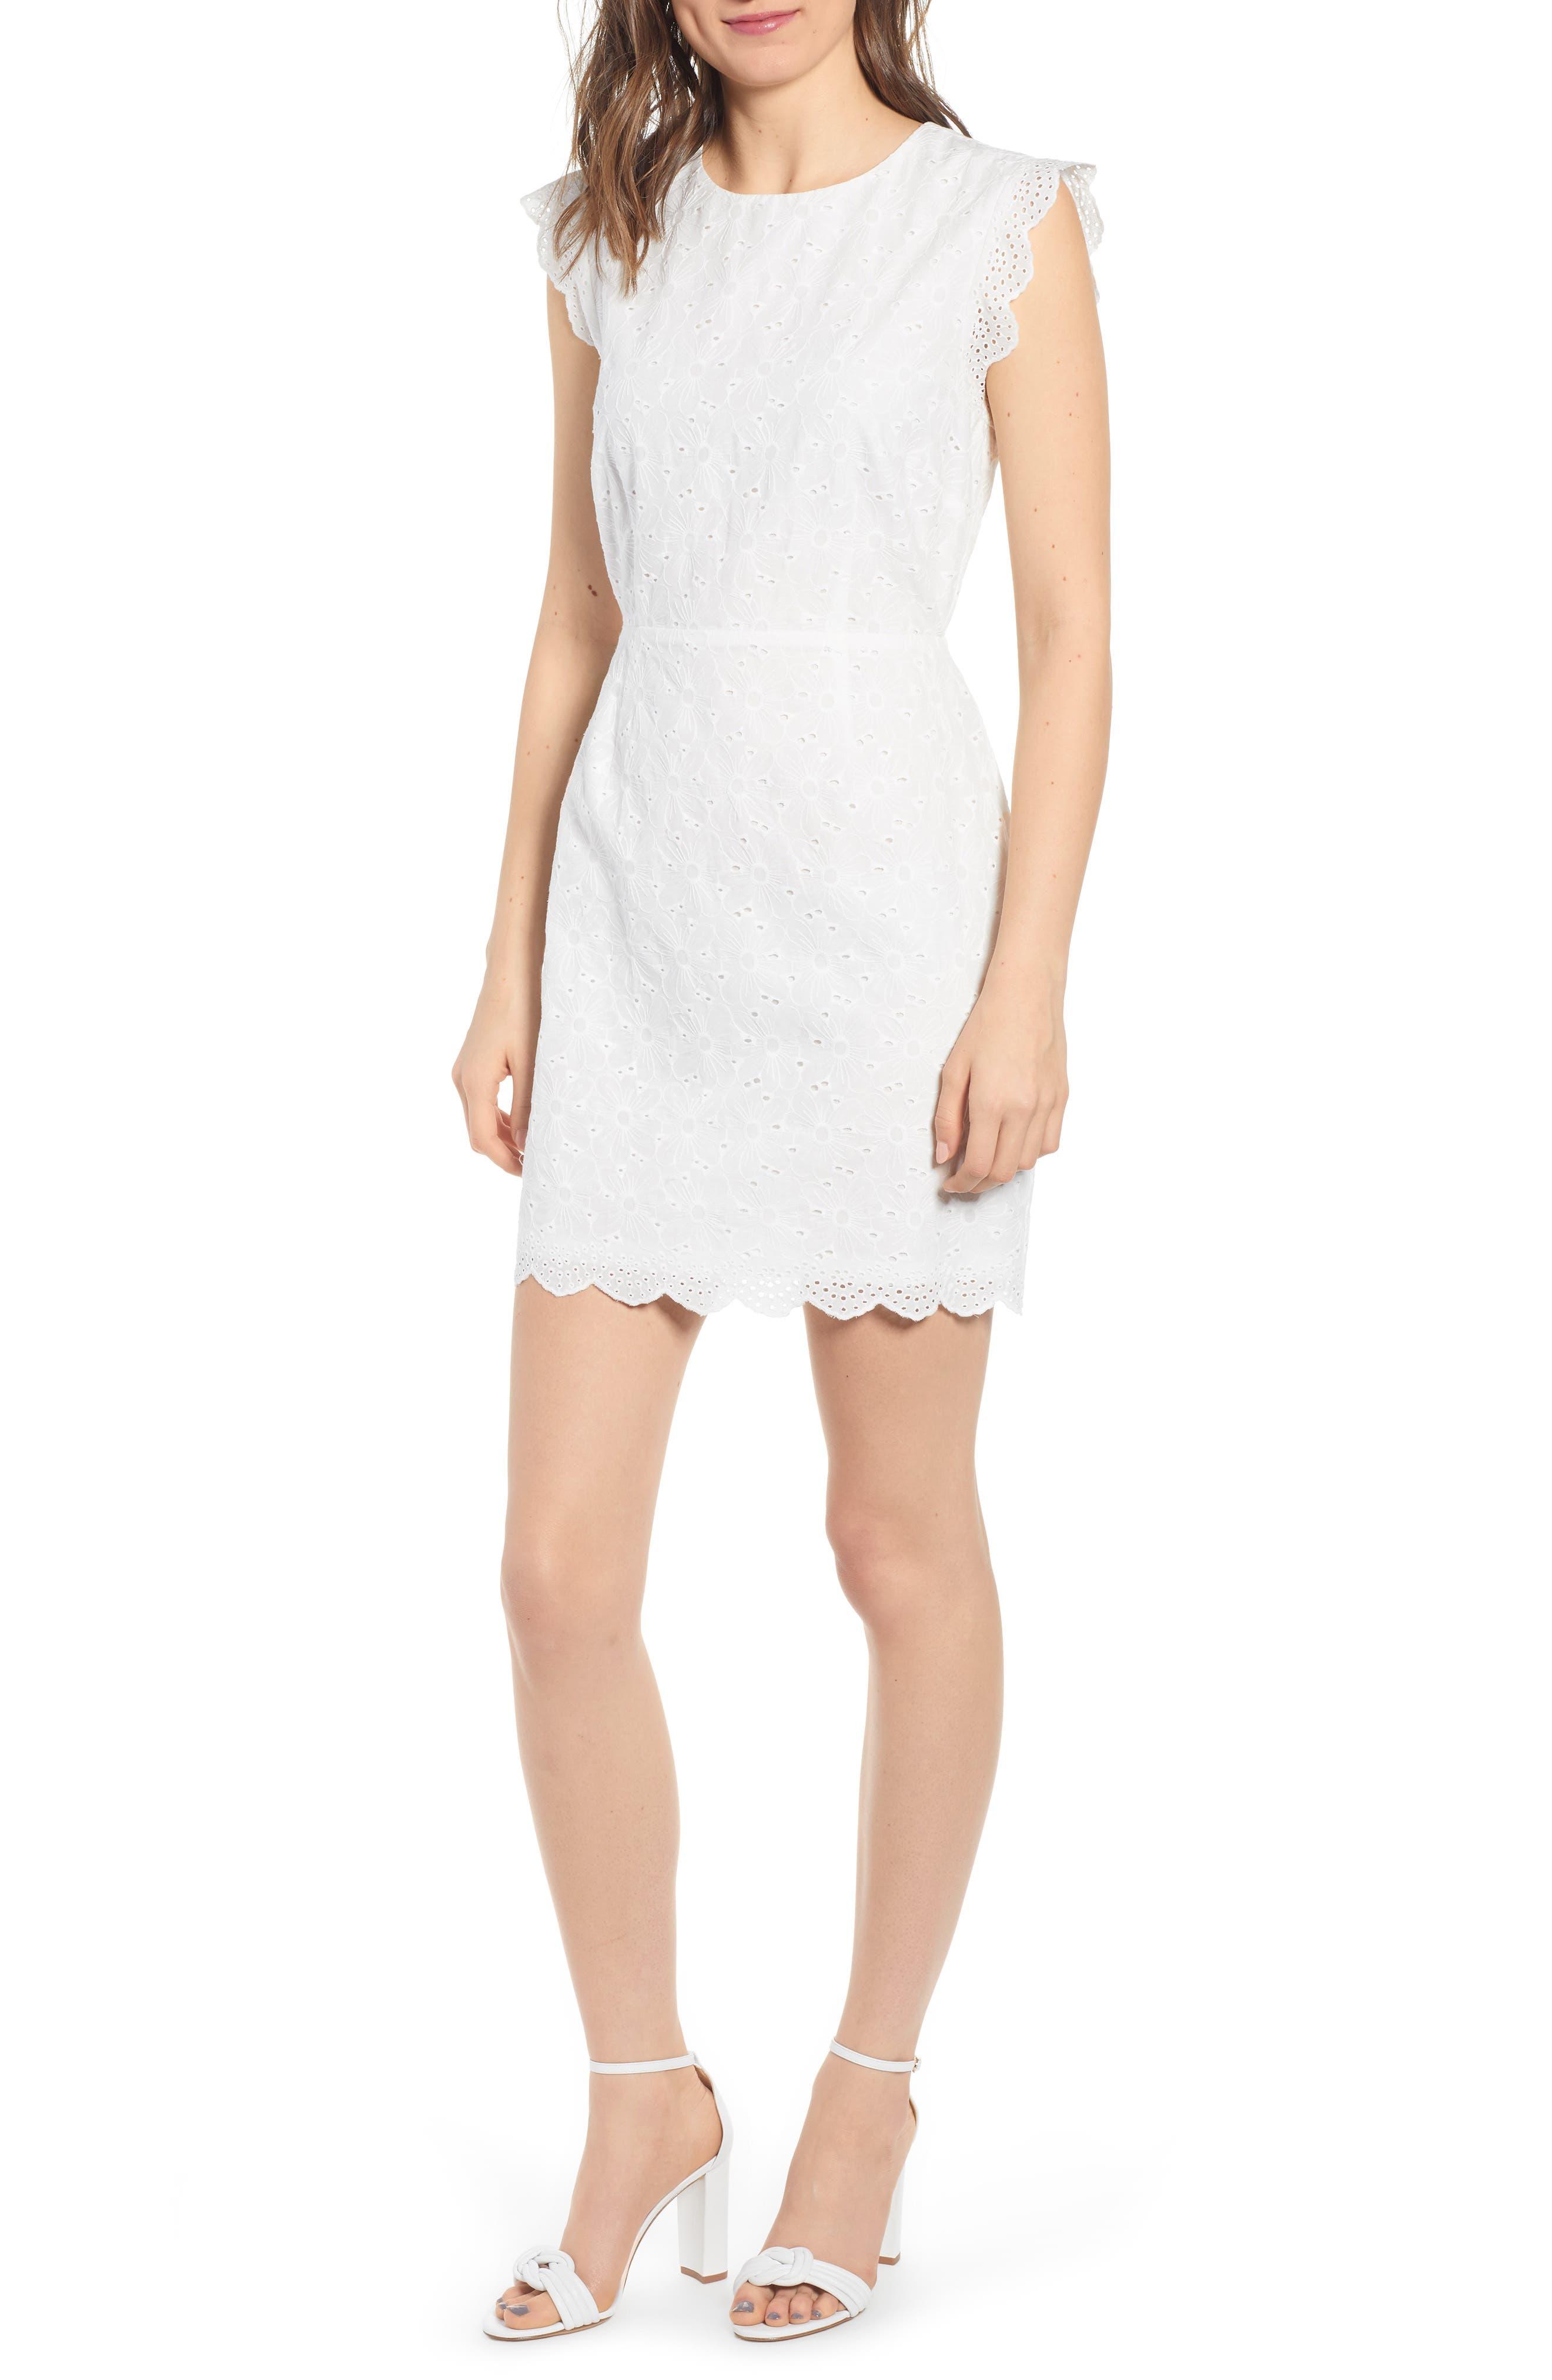 Cupcakes And Cashmere Keren Eyelet Minidress, White